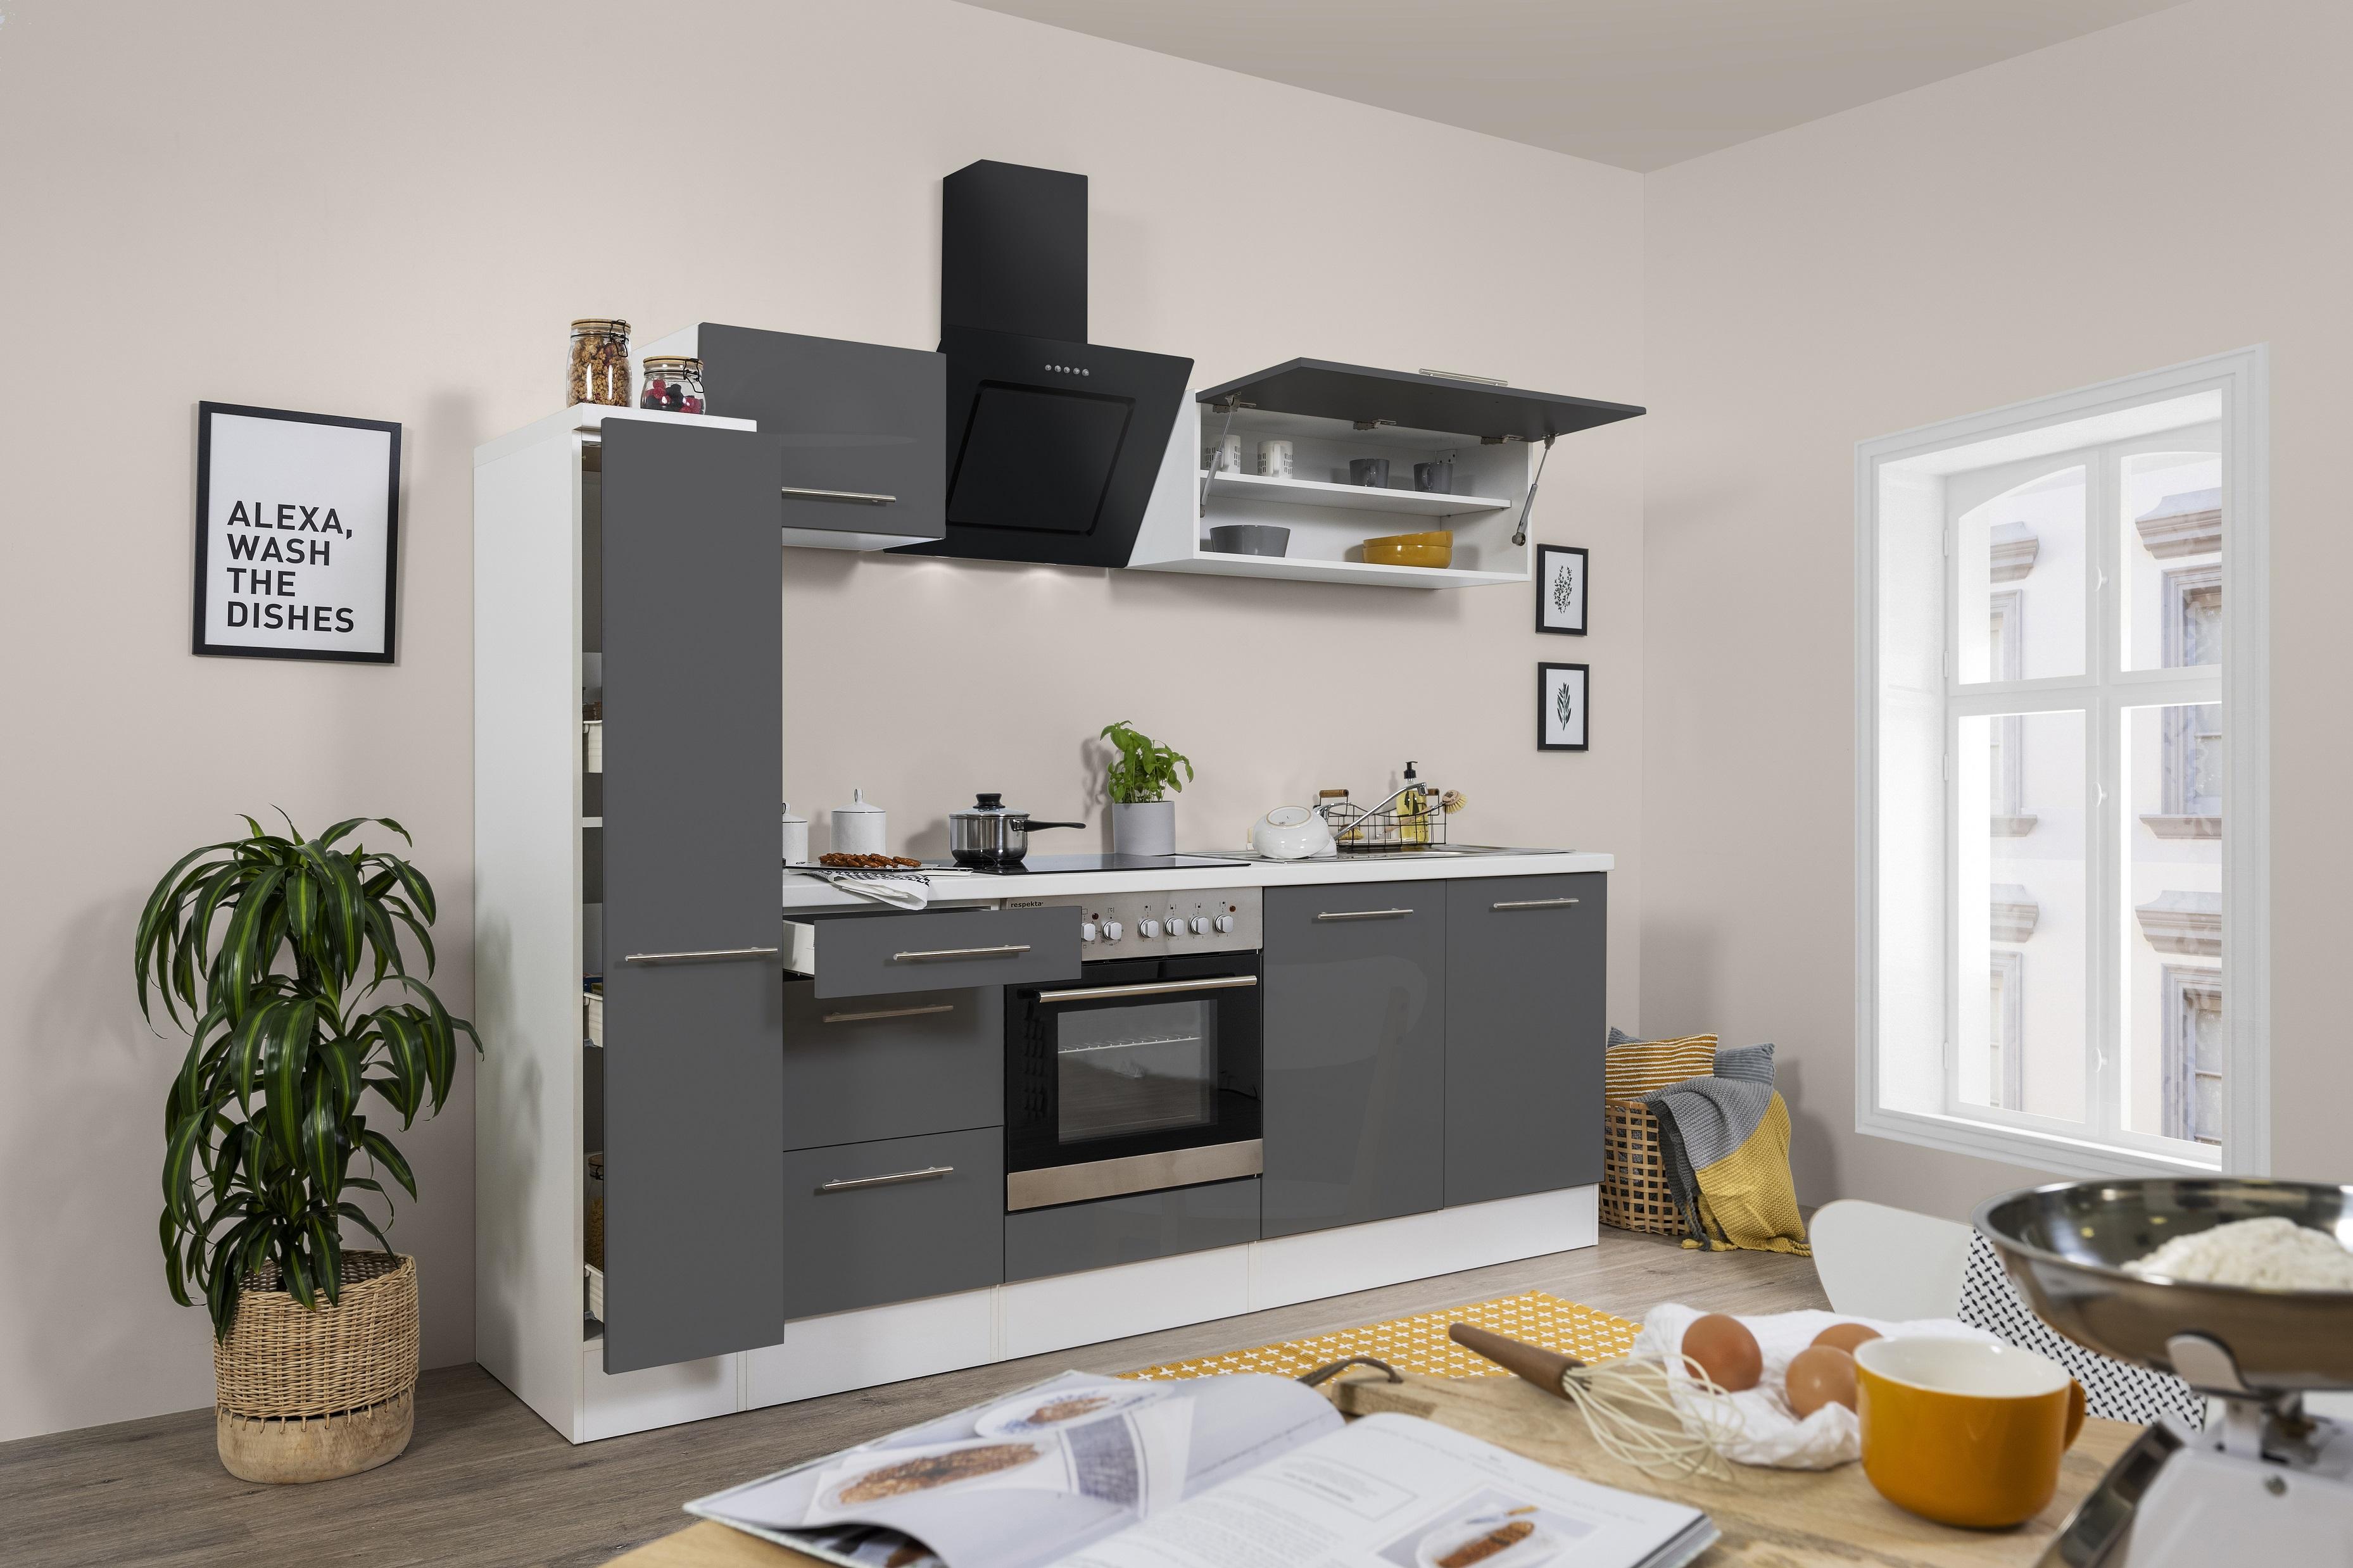 respekta Küchenzeile Küche Küchenblock Einbauküche Hochglanz 240 cm weiß grau